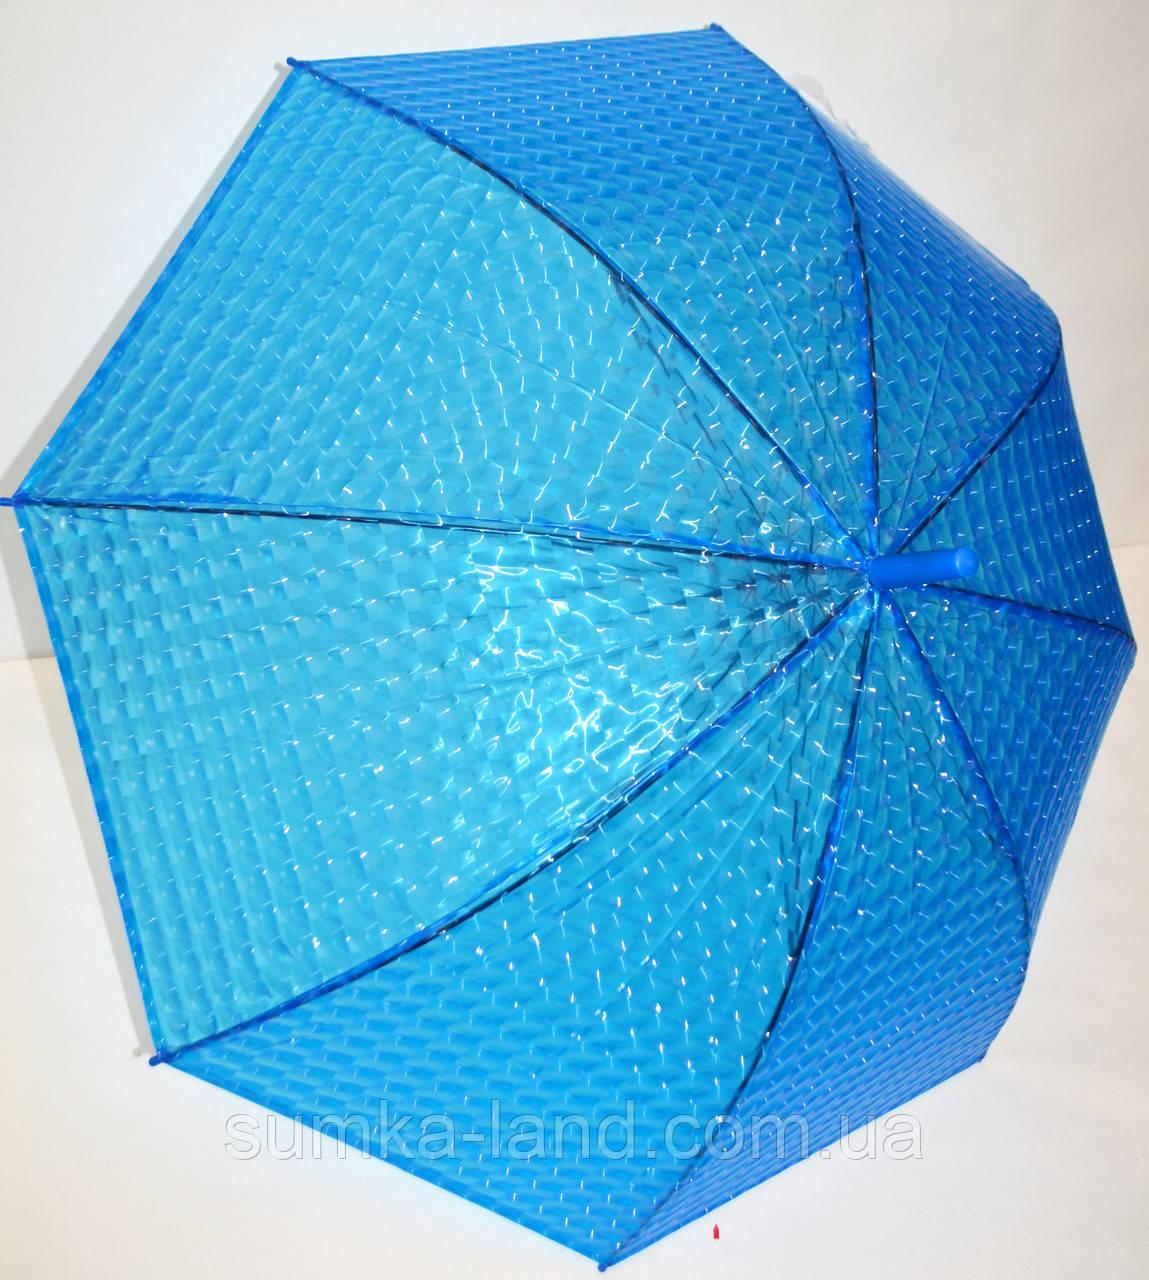 Детский голубой силиконовый 3D зонт-трость фирмы Fiaba на 8 спиц